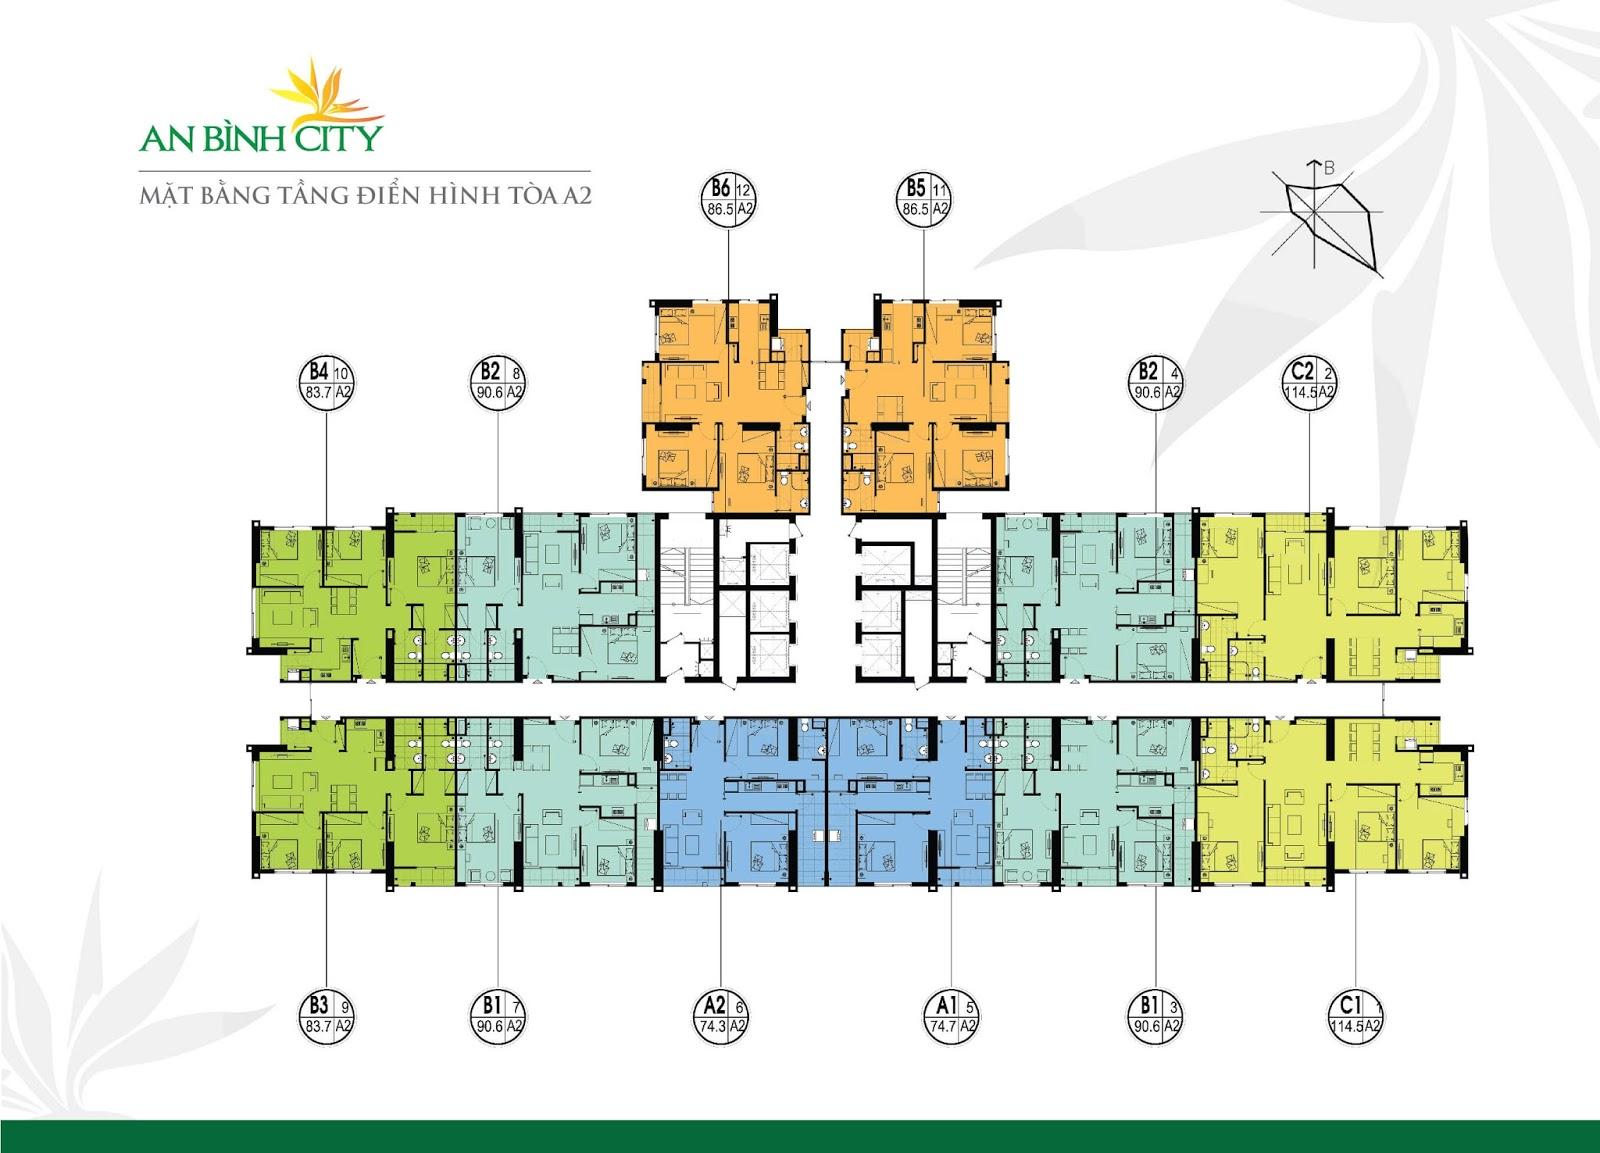 Thiết kế mặt bằng căn hộ tòa A2 dự án chung cư An bình City